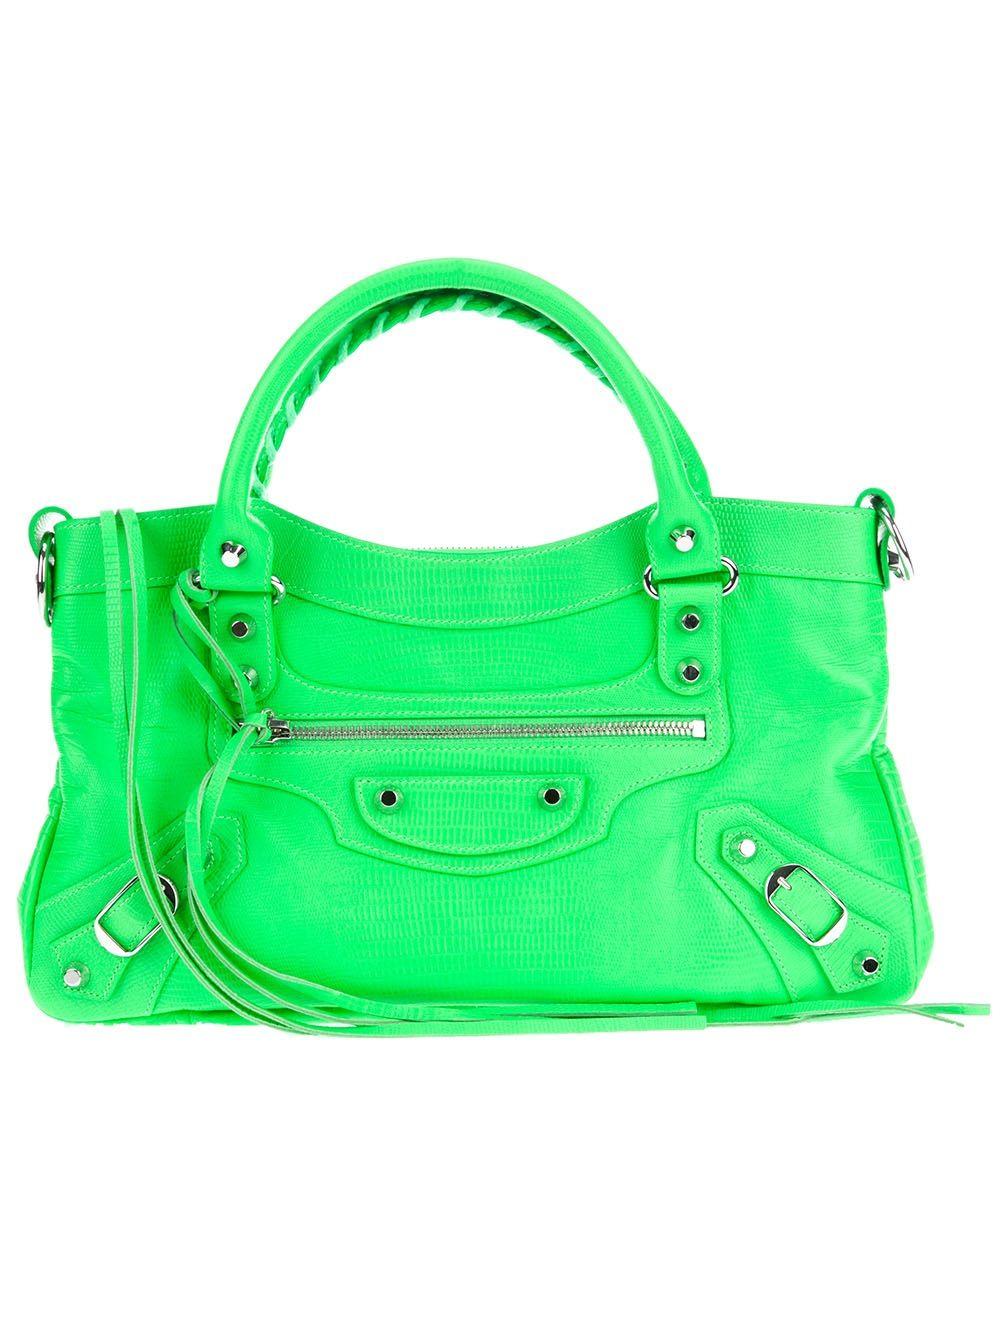 Neon Balenciaga bag | Balenciaga bag